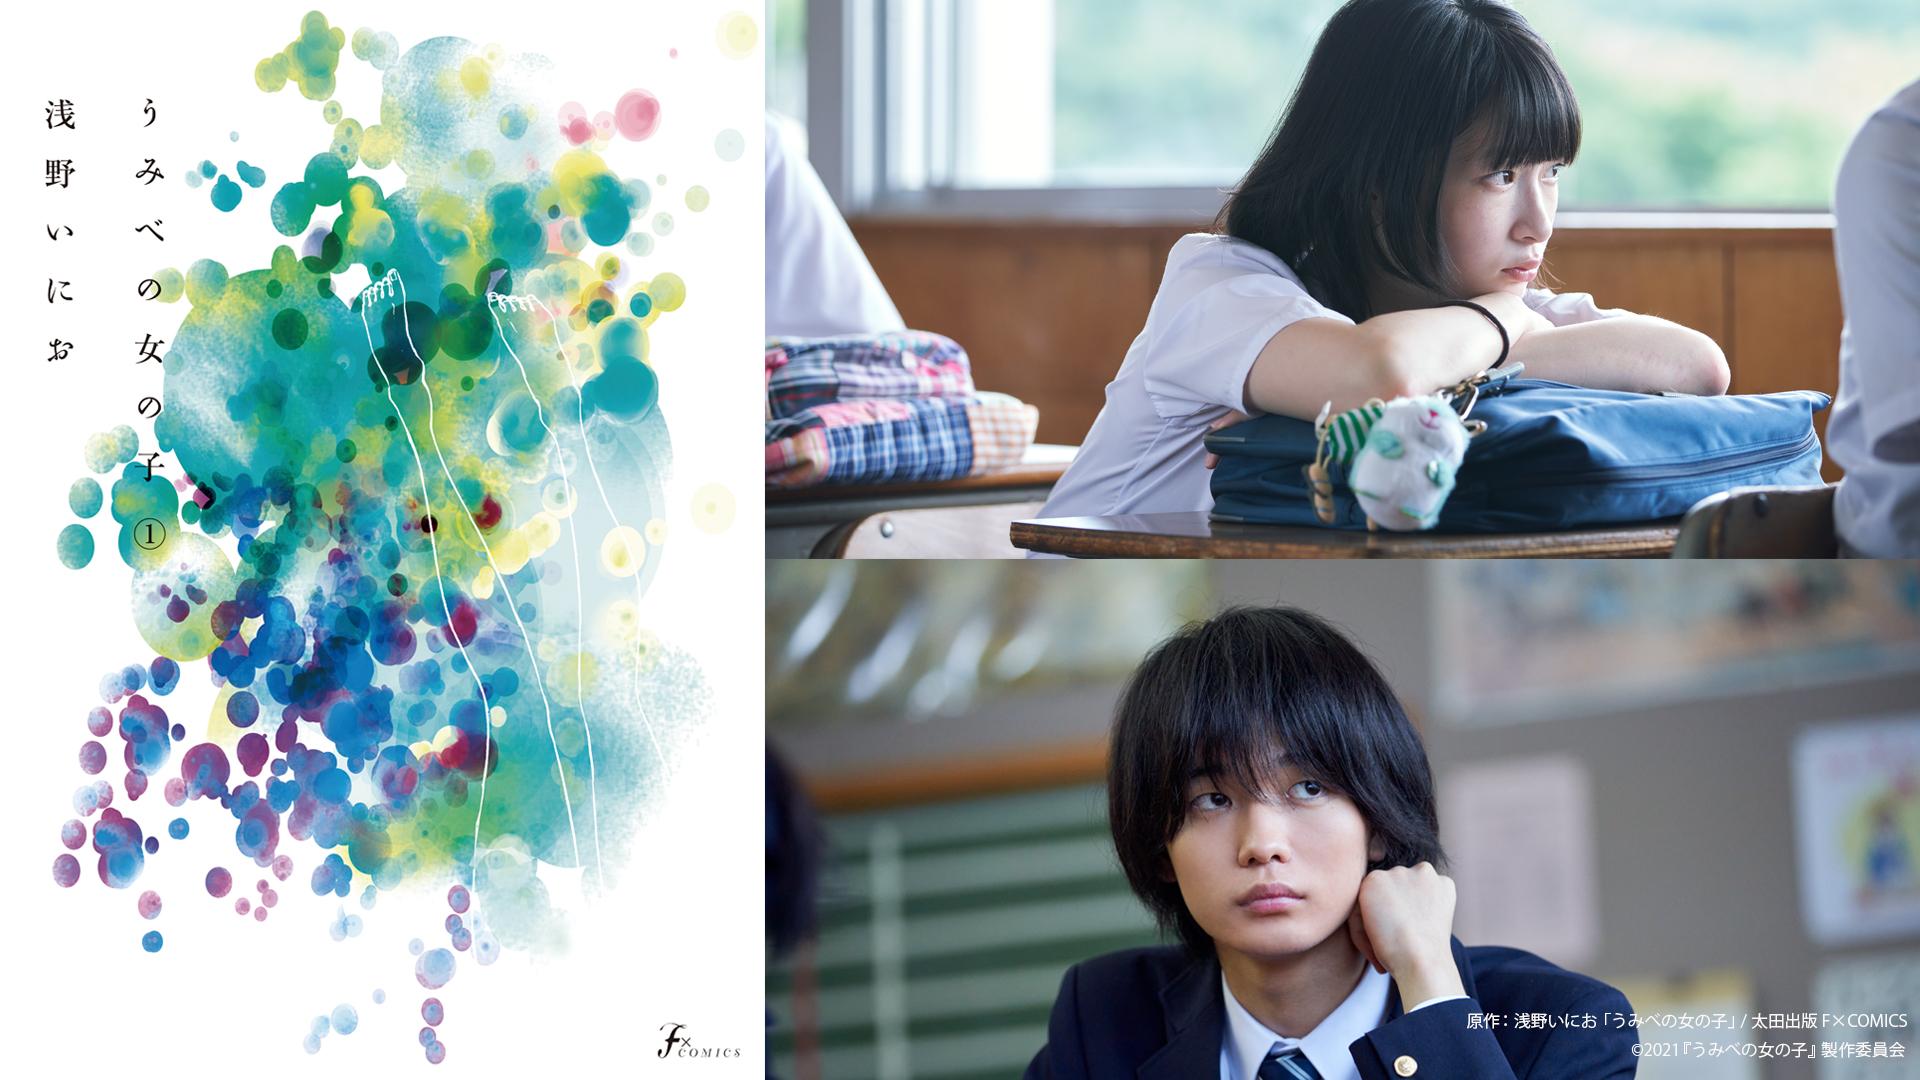 『うみべの女の子』は8月20日公開